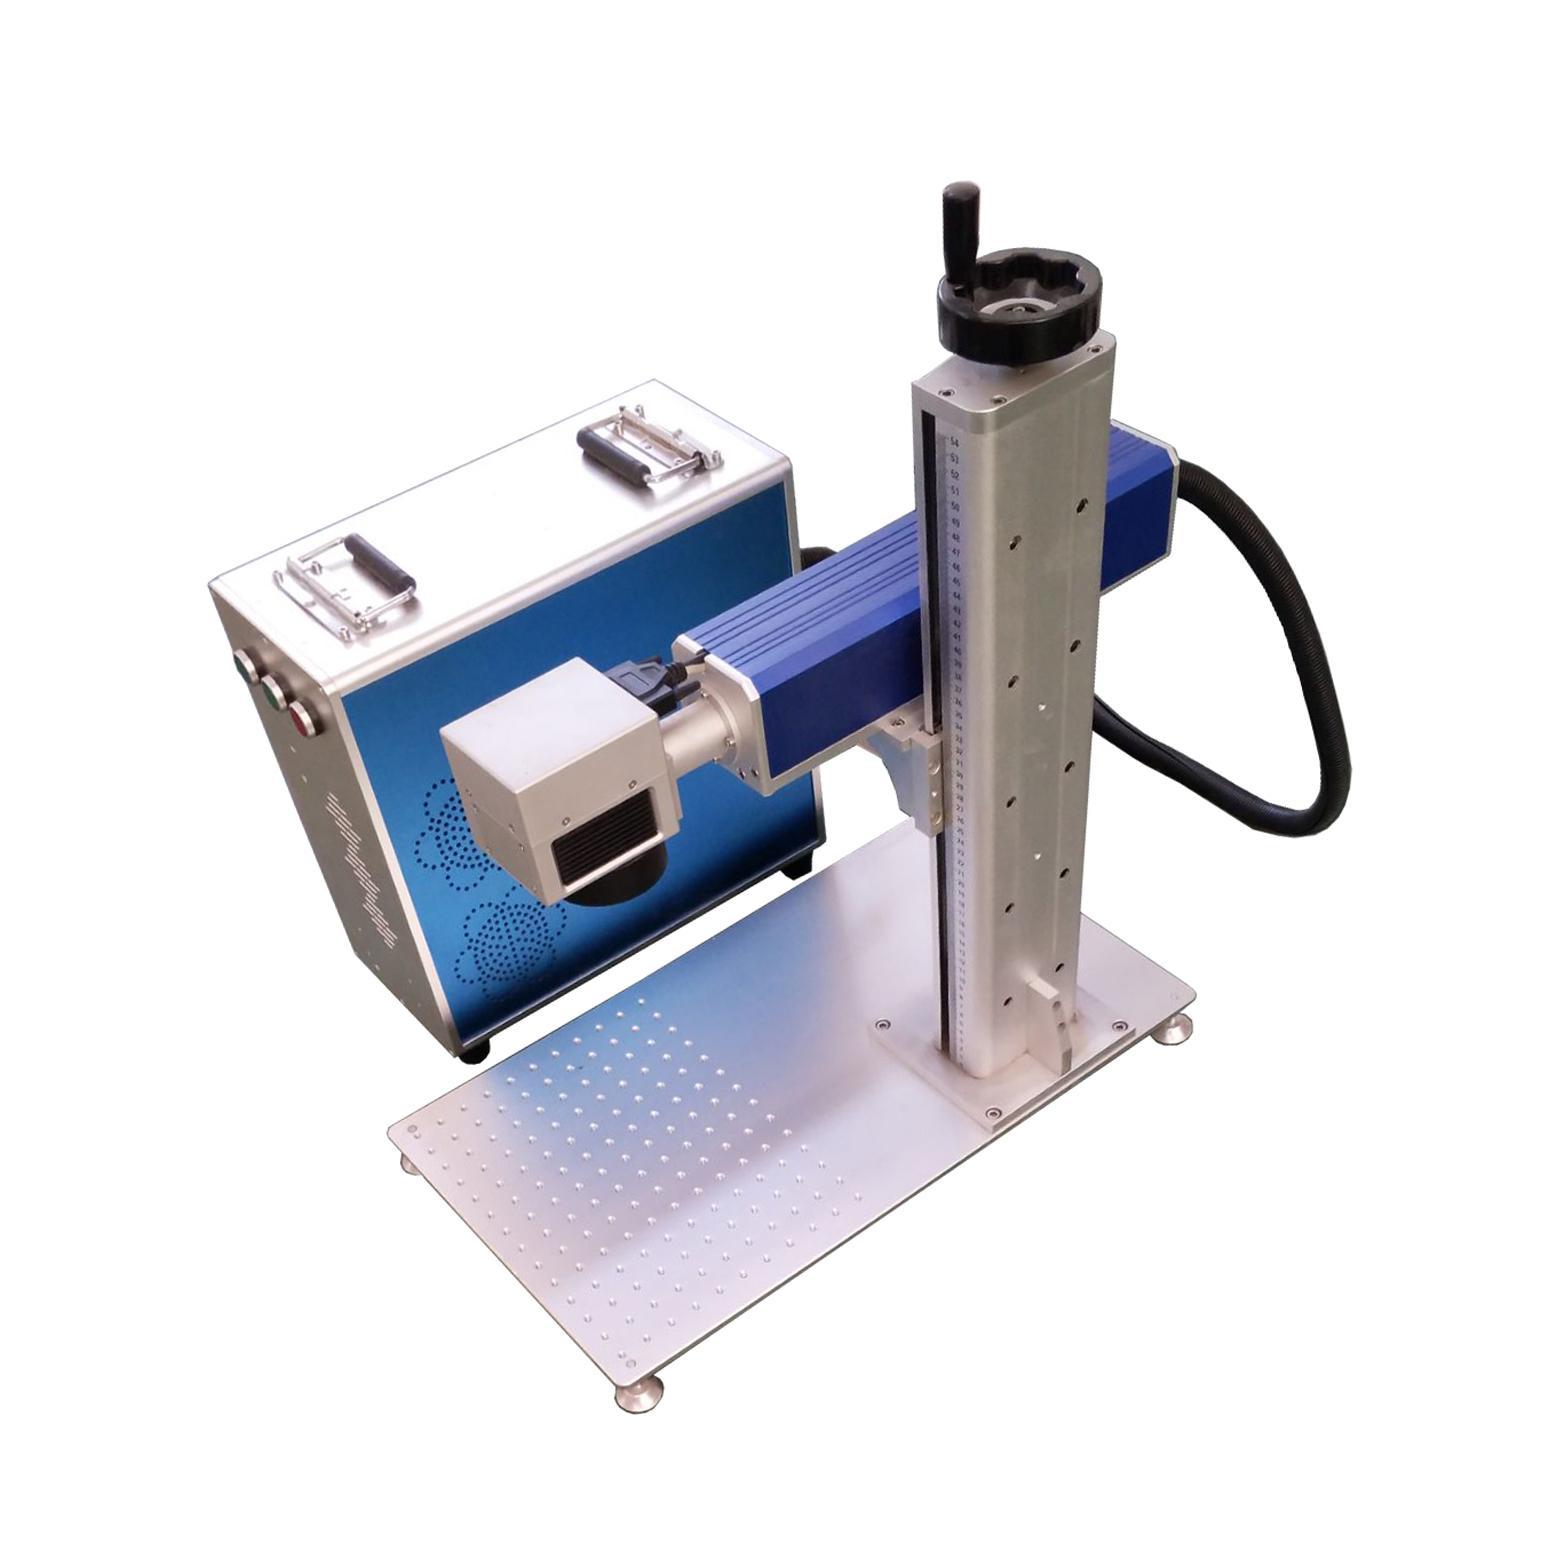 徼熙雕刻加工激光打标机20W分体式 1